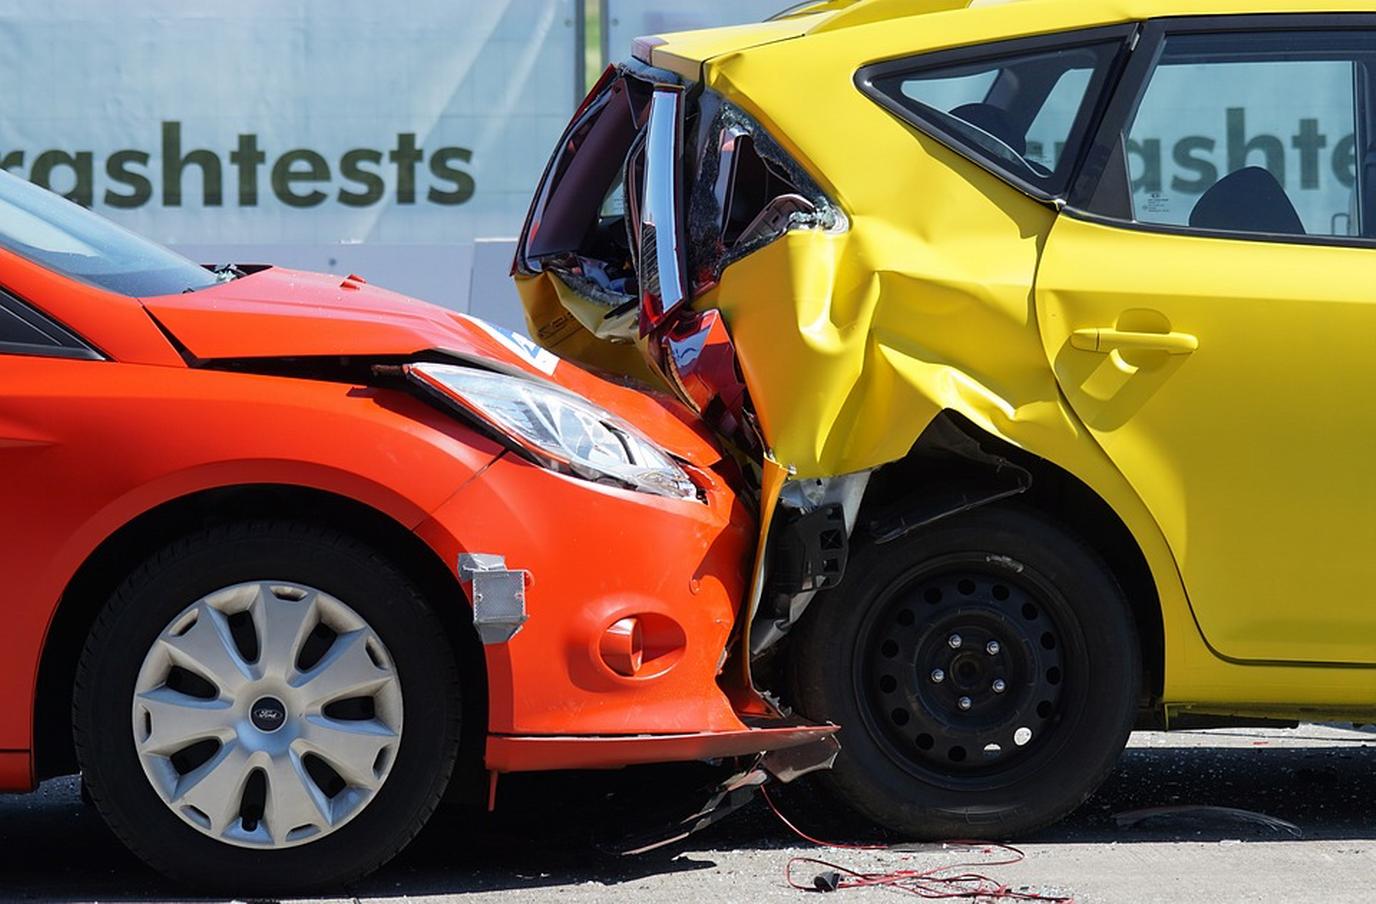 Wypadek wypożyczonym samochodem –podpowiadamy, co powinieneś zrobić!